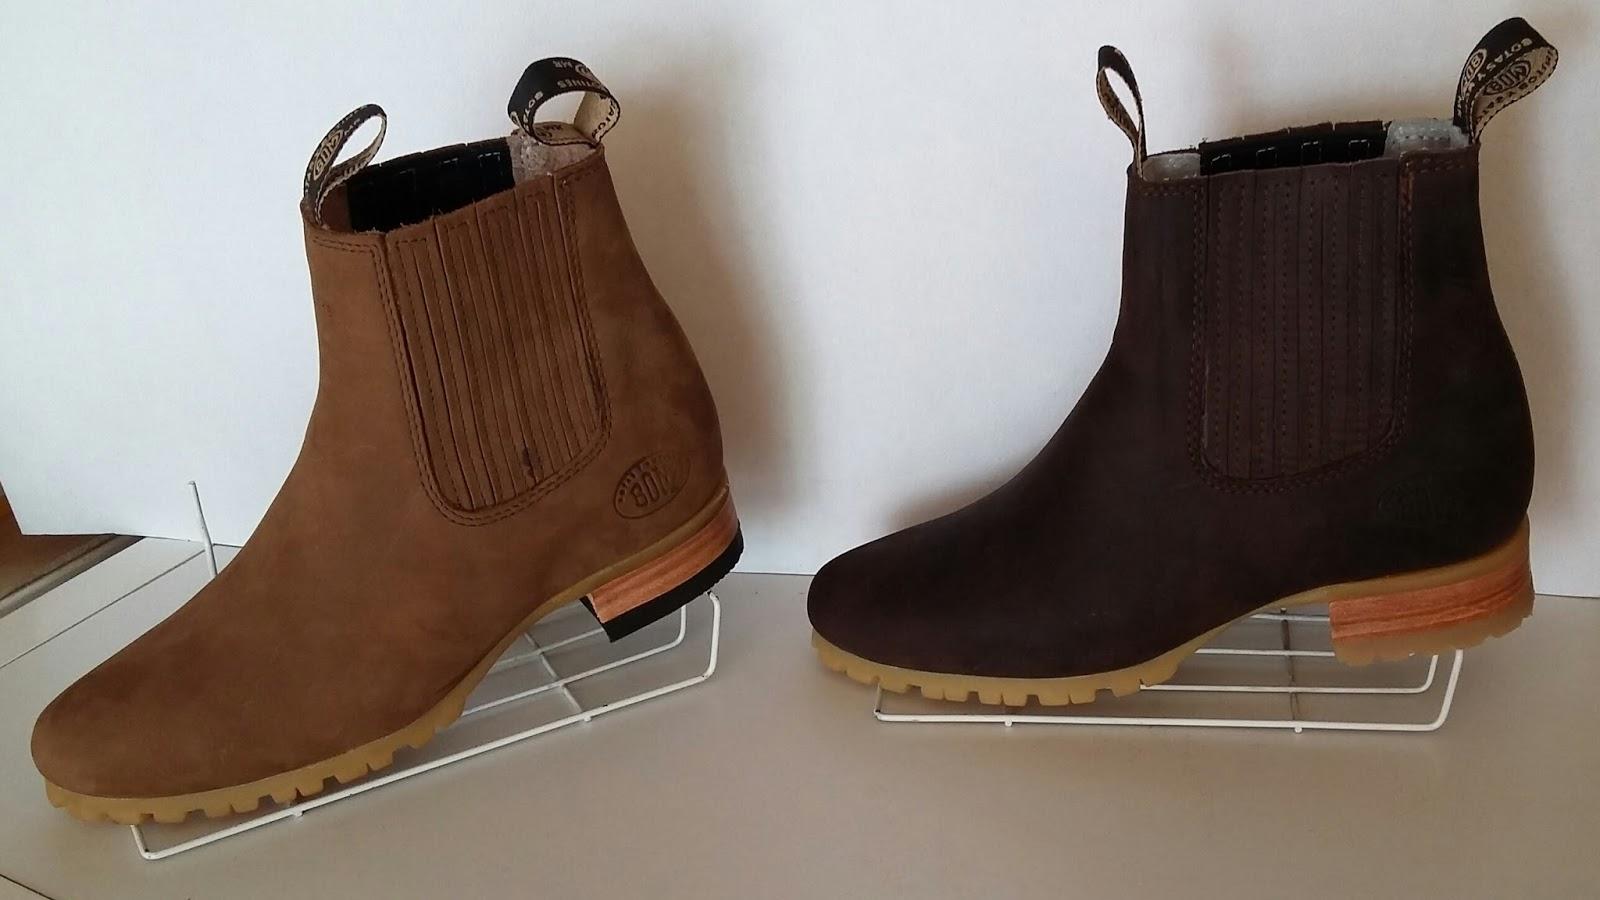 9a213e3f57 BA-100-Charol-Hueso-Botines-Charros-Mayoreo-en-USA-Amor-Sales botas de  charro 0074 bota charro tela 04 7